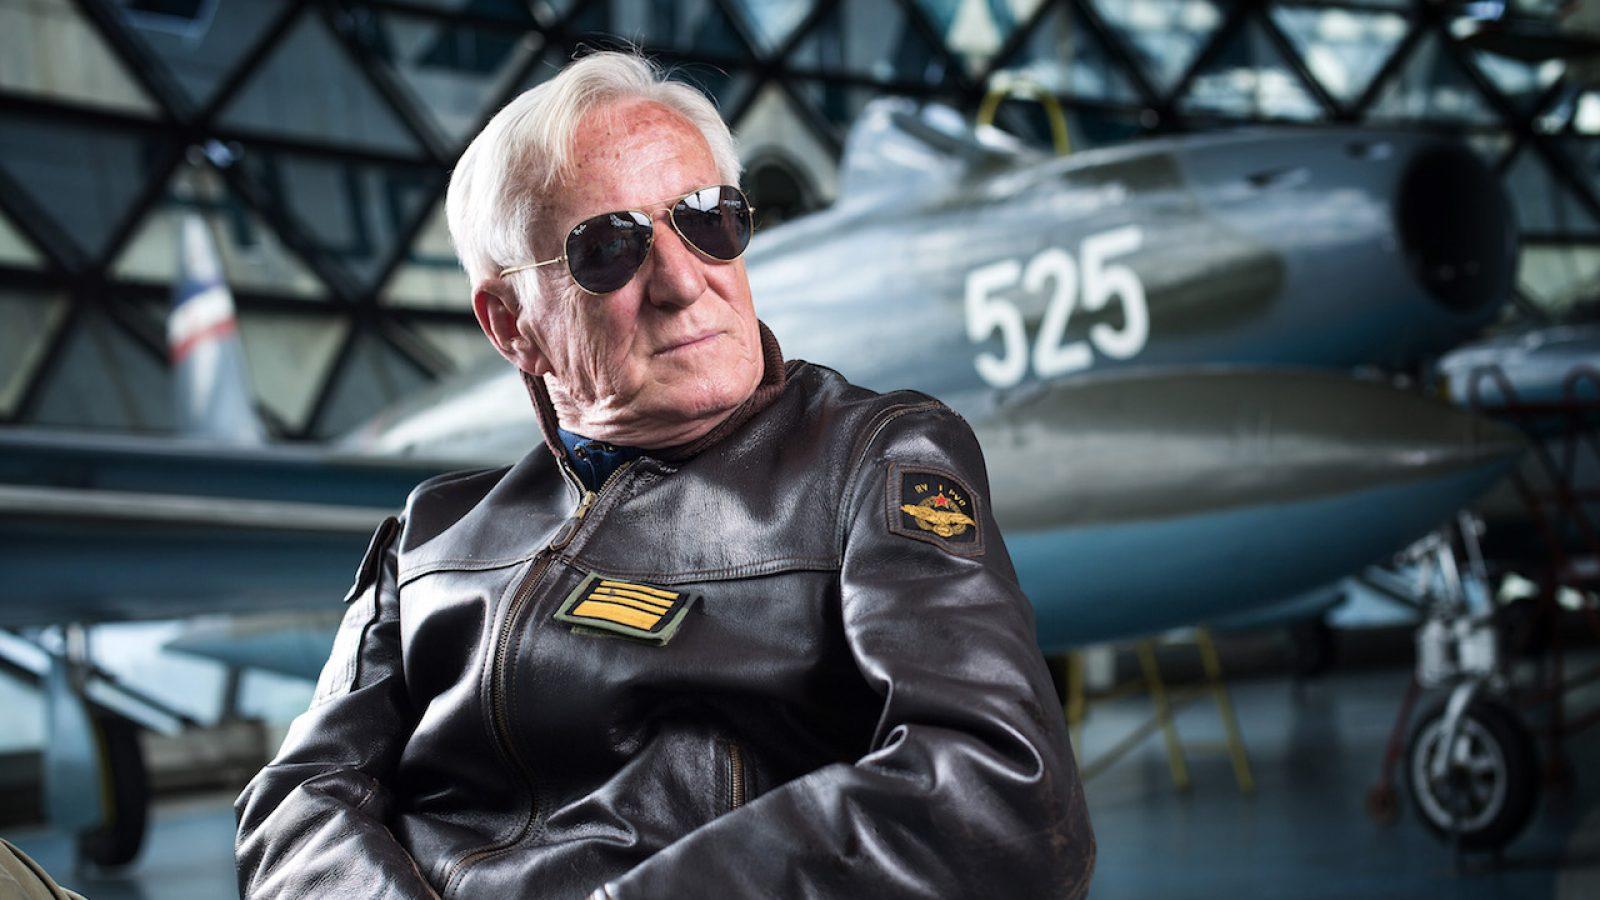 [VIDEO] Suad Hamzić, pilot lovac-izviđač JNA posle 51 godine u kokpitu svog Tanderdžeta